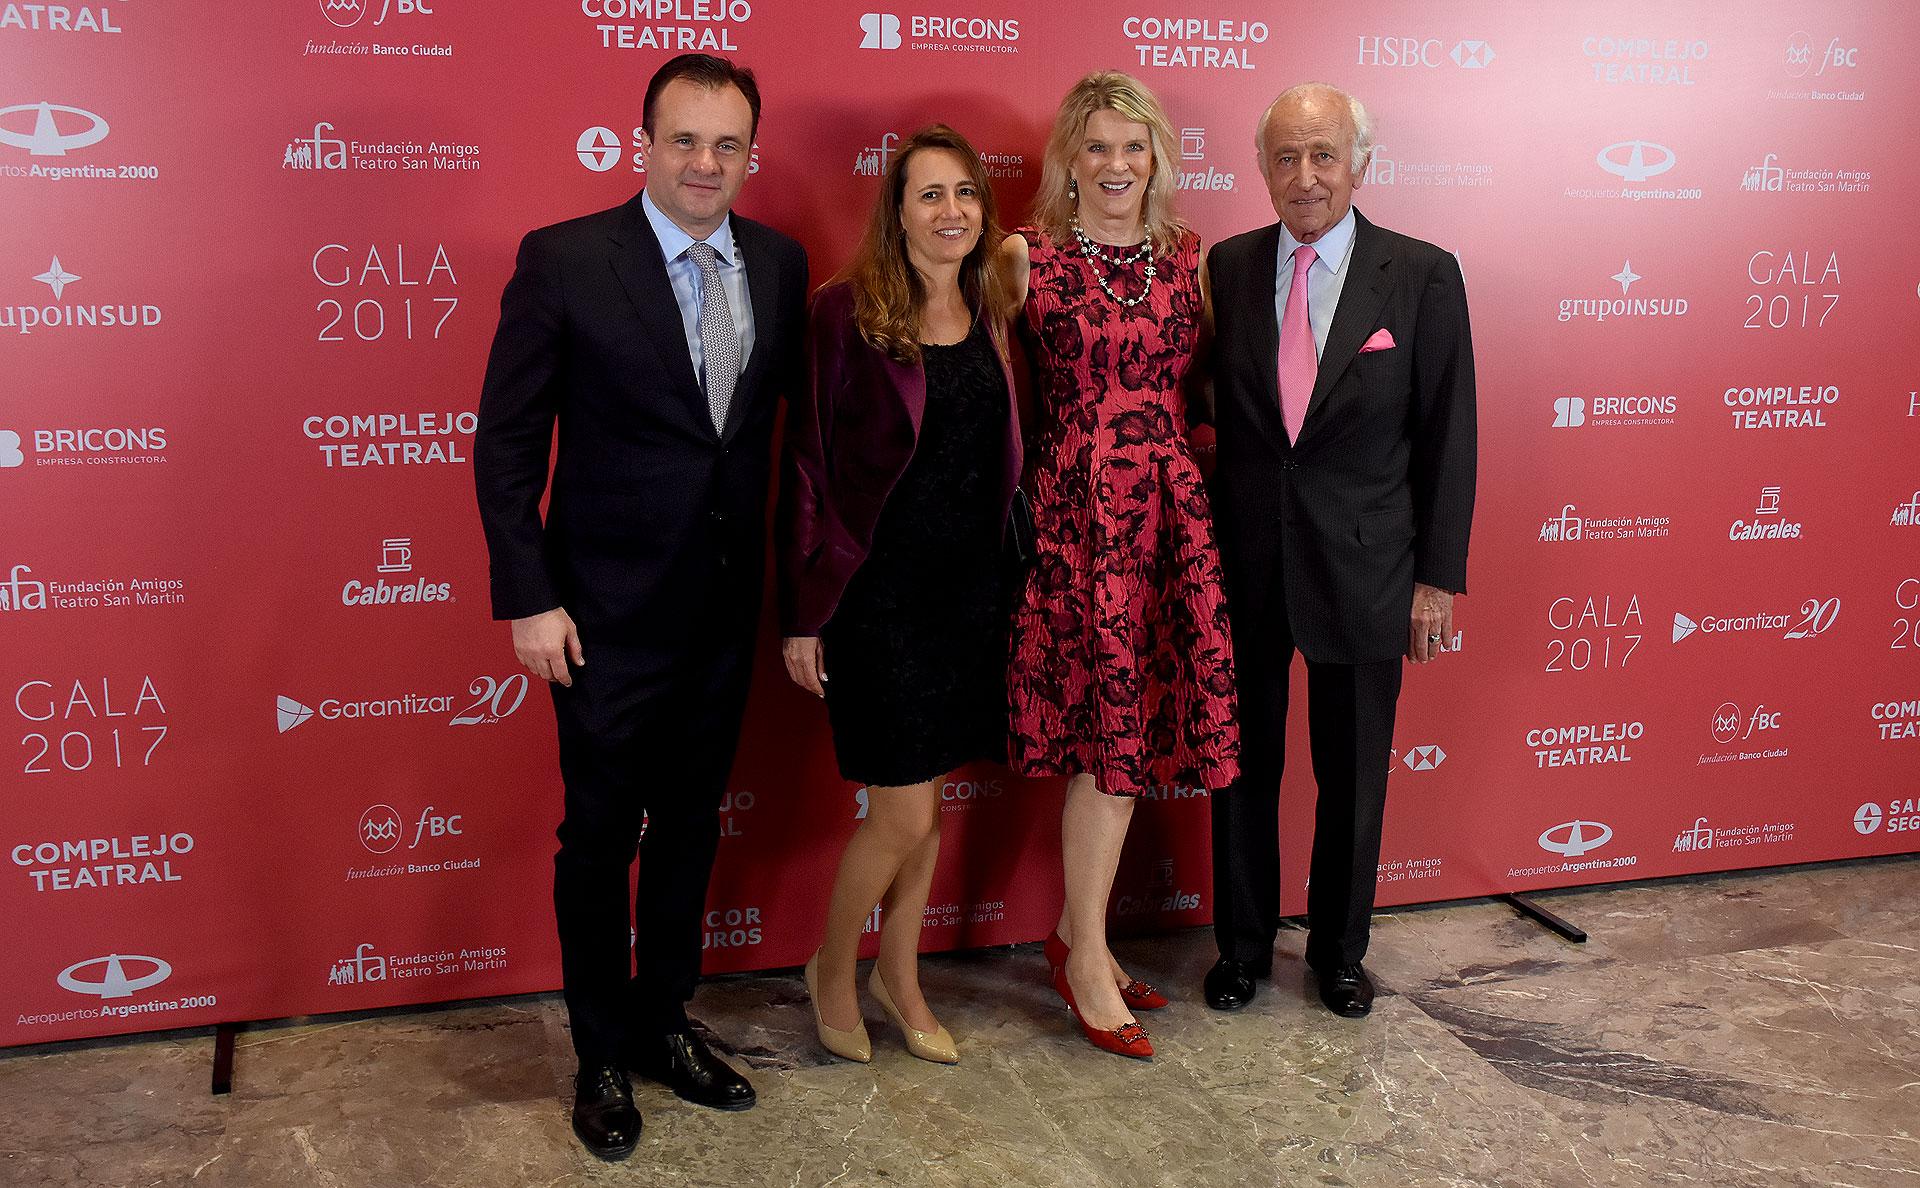 Juan Pablo y Magdalena Maglier junto a Eva y Santiago Soldati